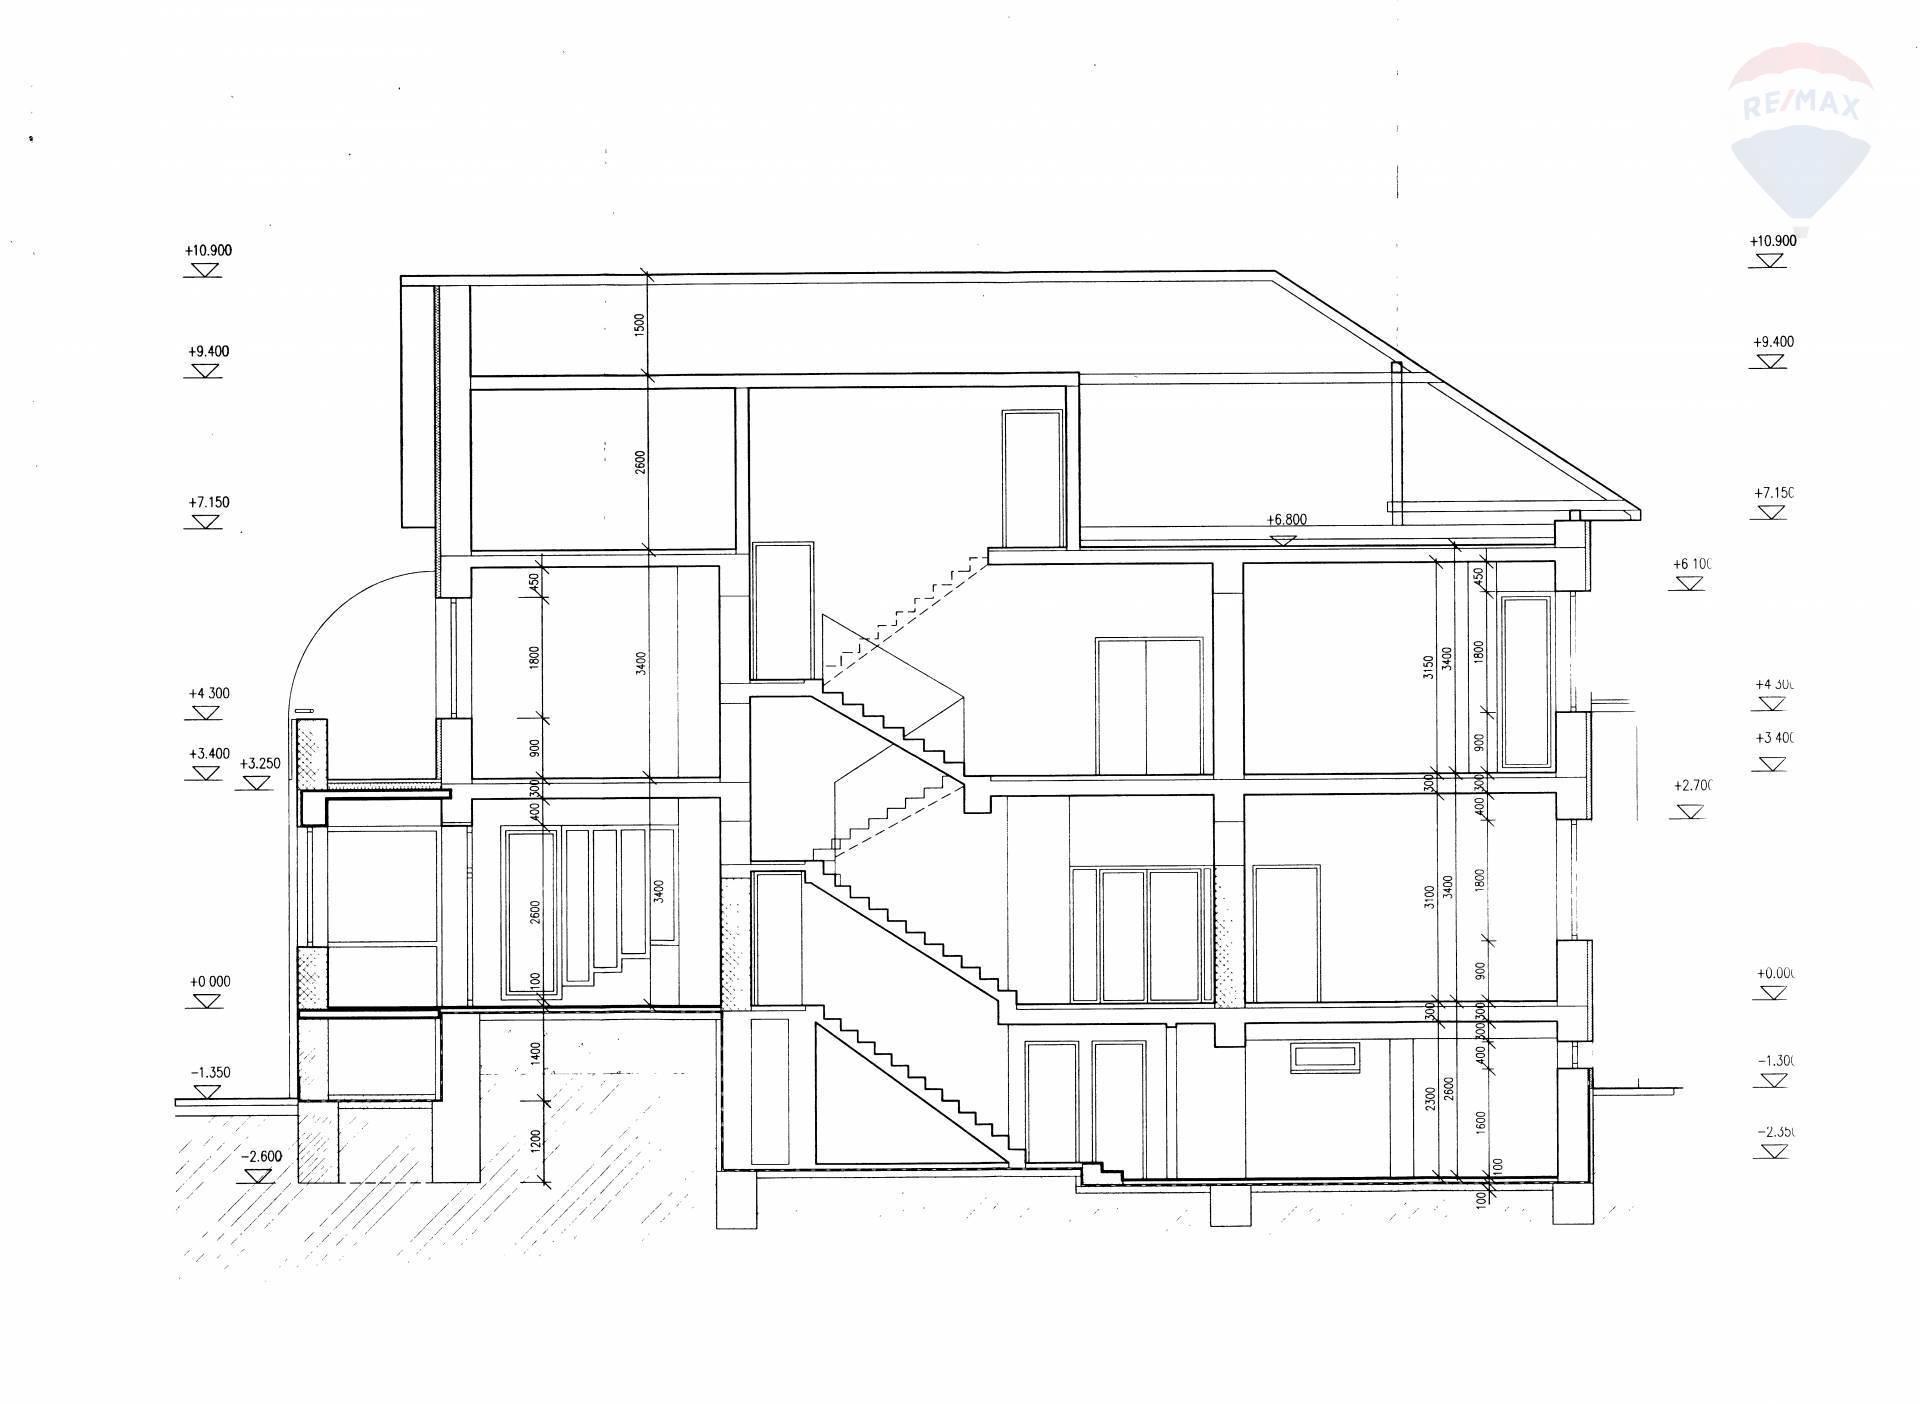 Predaj komerčného objektu 429 m2, Brezno - rez budovy